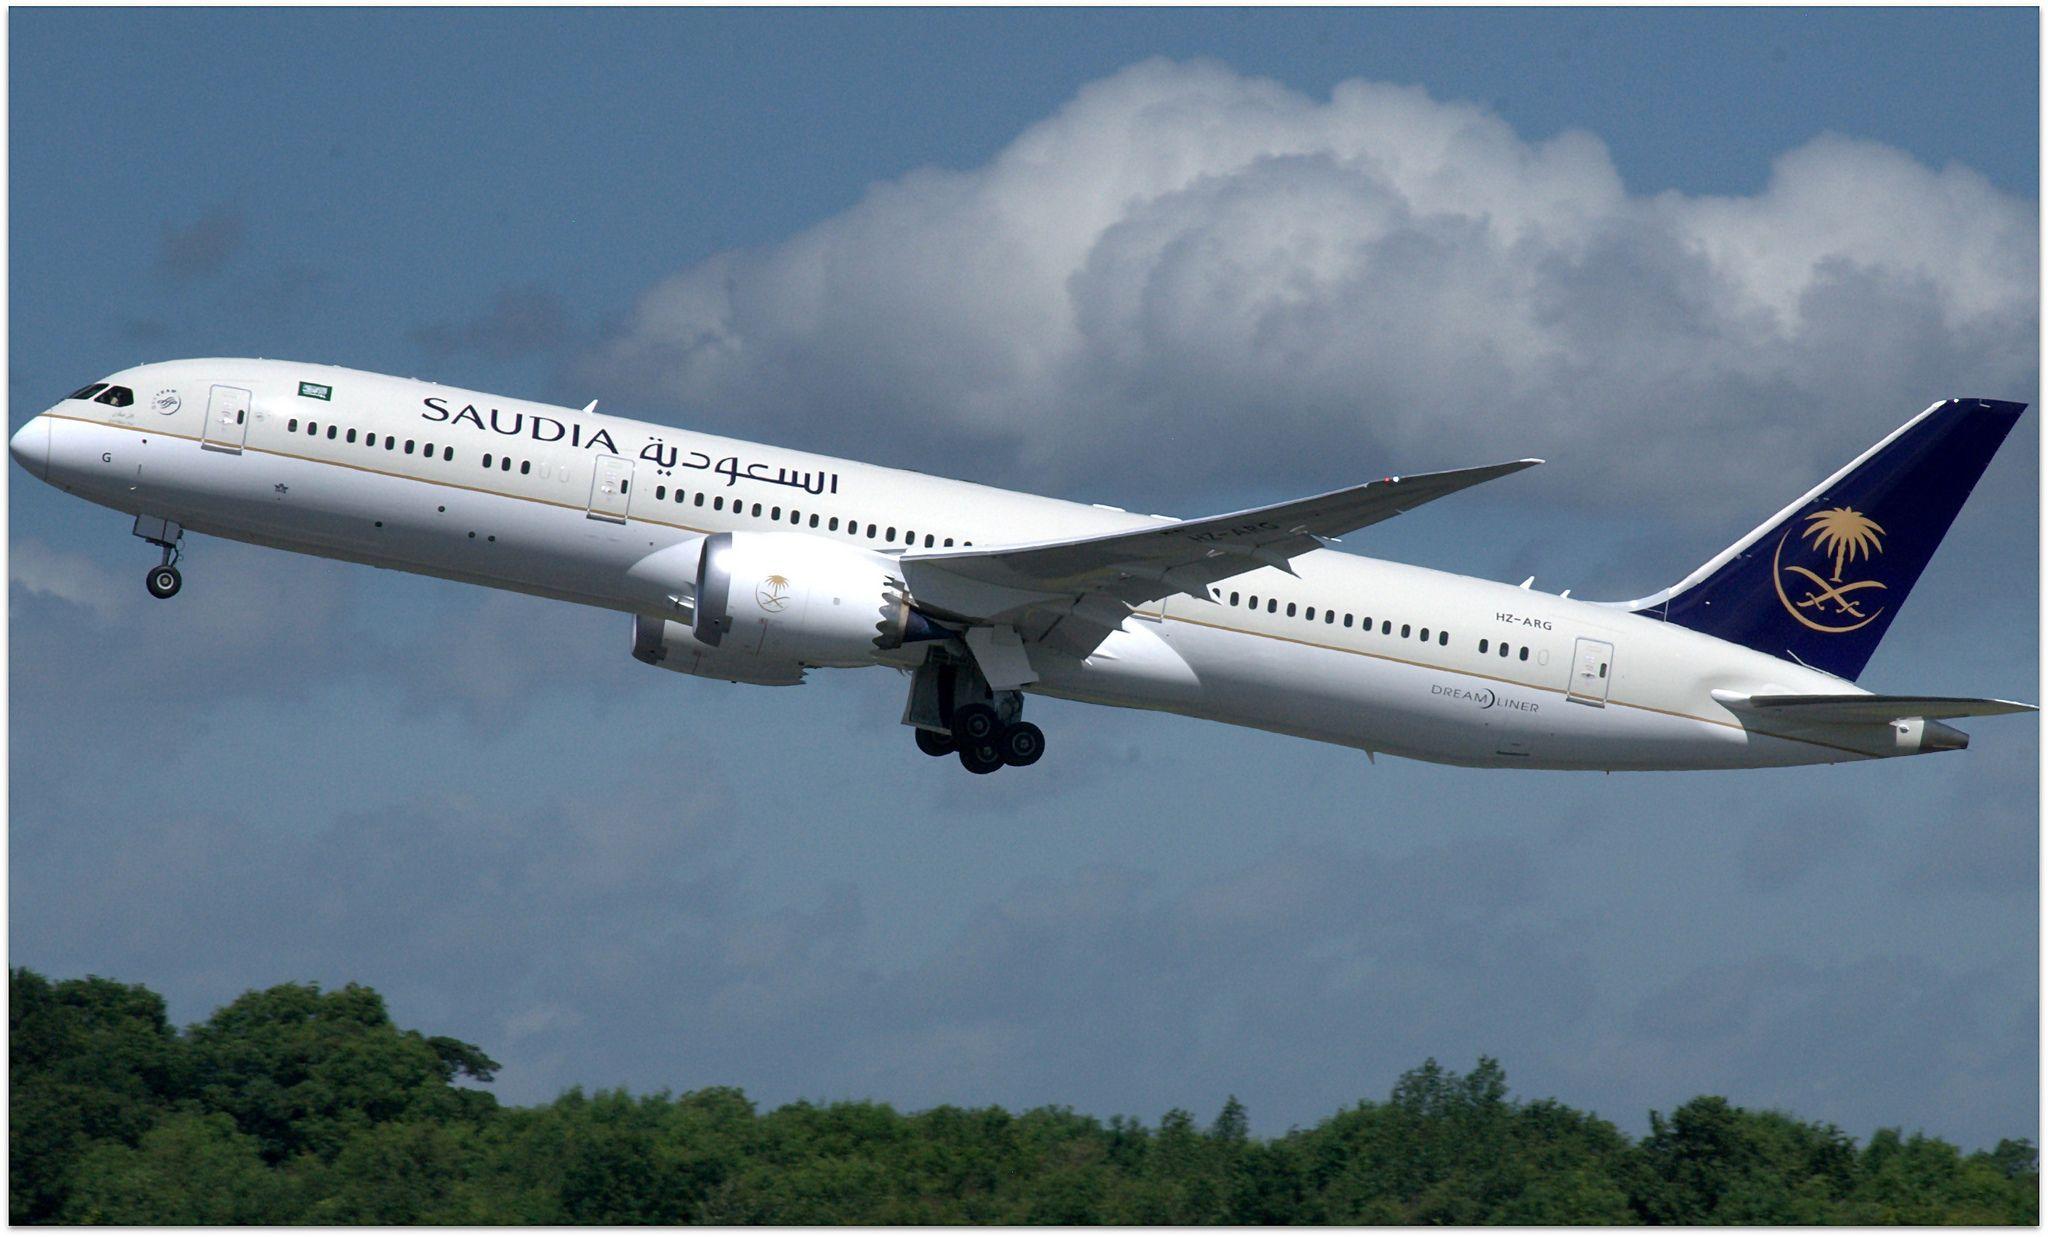 Https Flic Kr P 24j6dur الخطوط السعودية تمتع بأجمل رحلات الطيران على الخطوط السعودية وأستفيد من عروض السفر على رحلات طيران السعودية بأرخص الأسعار من خ